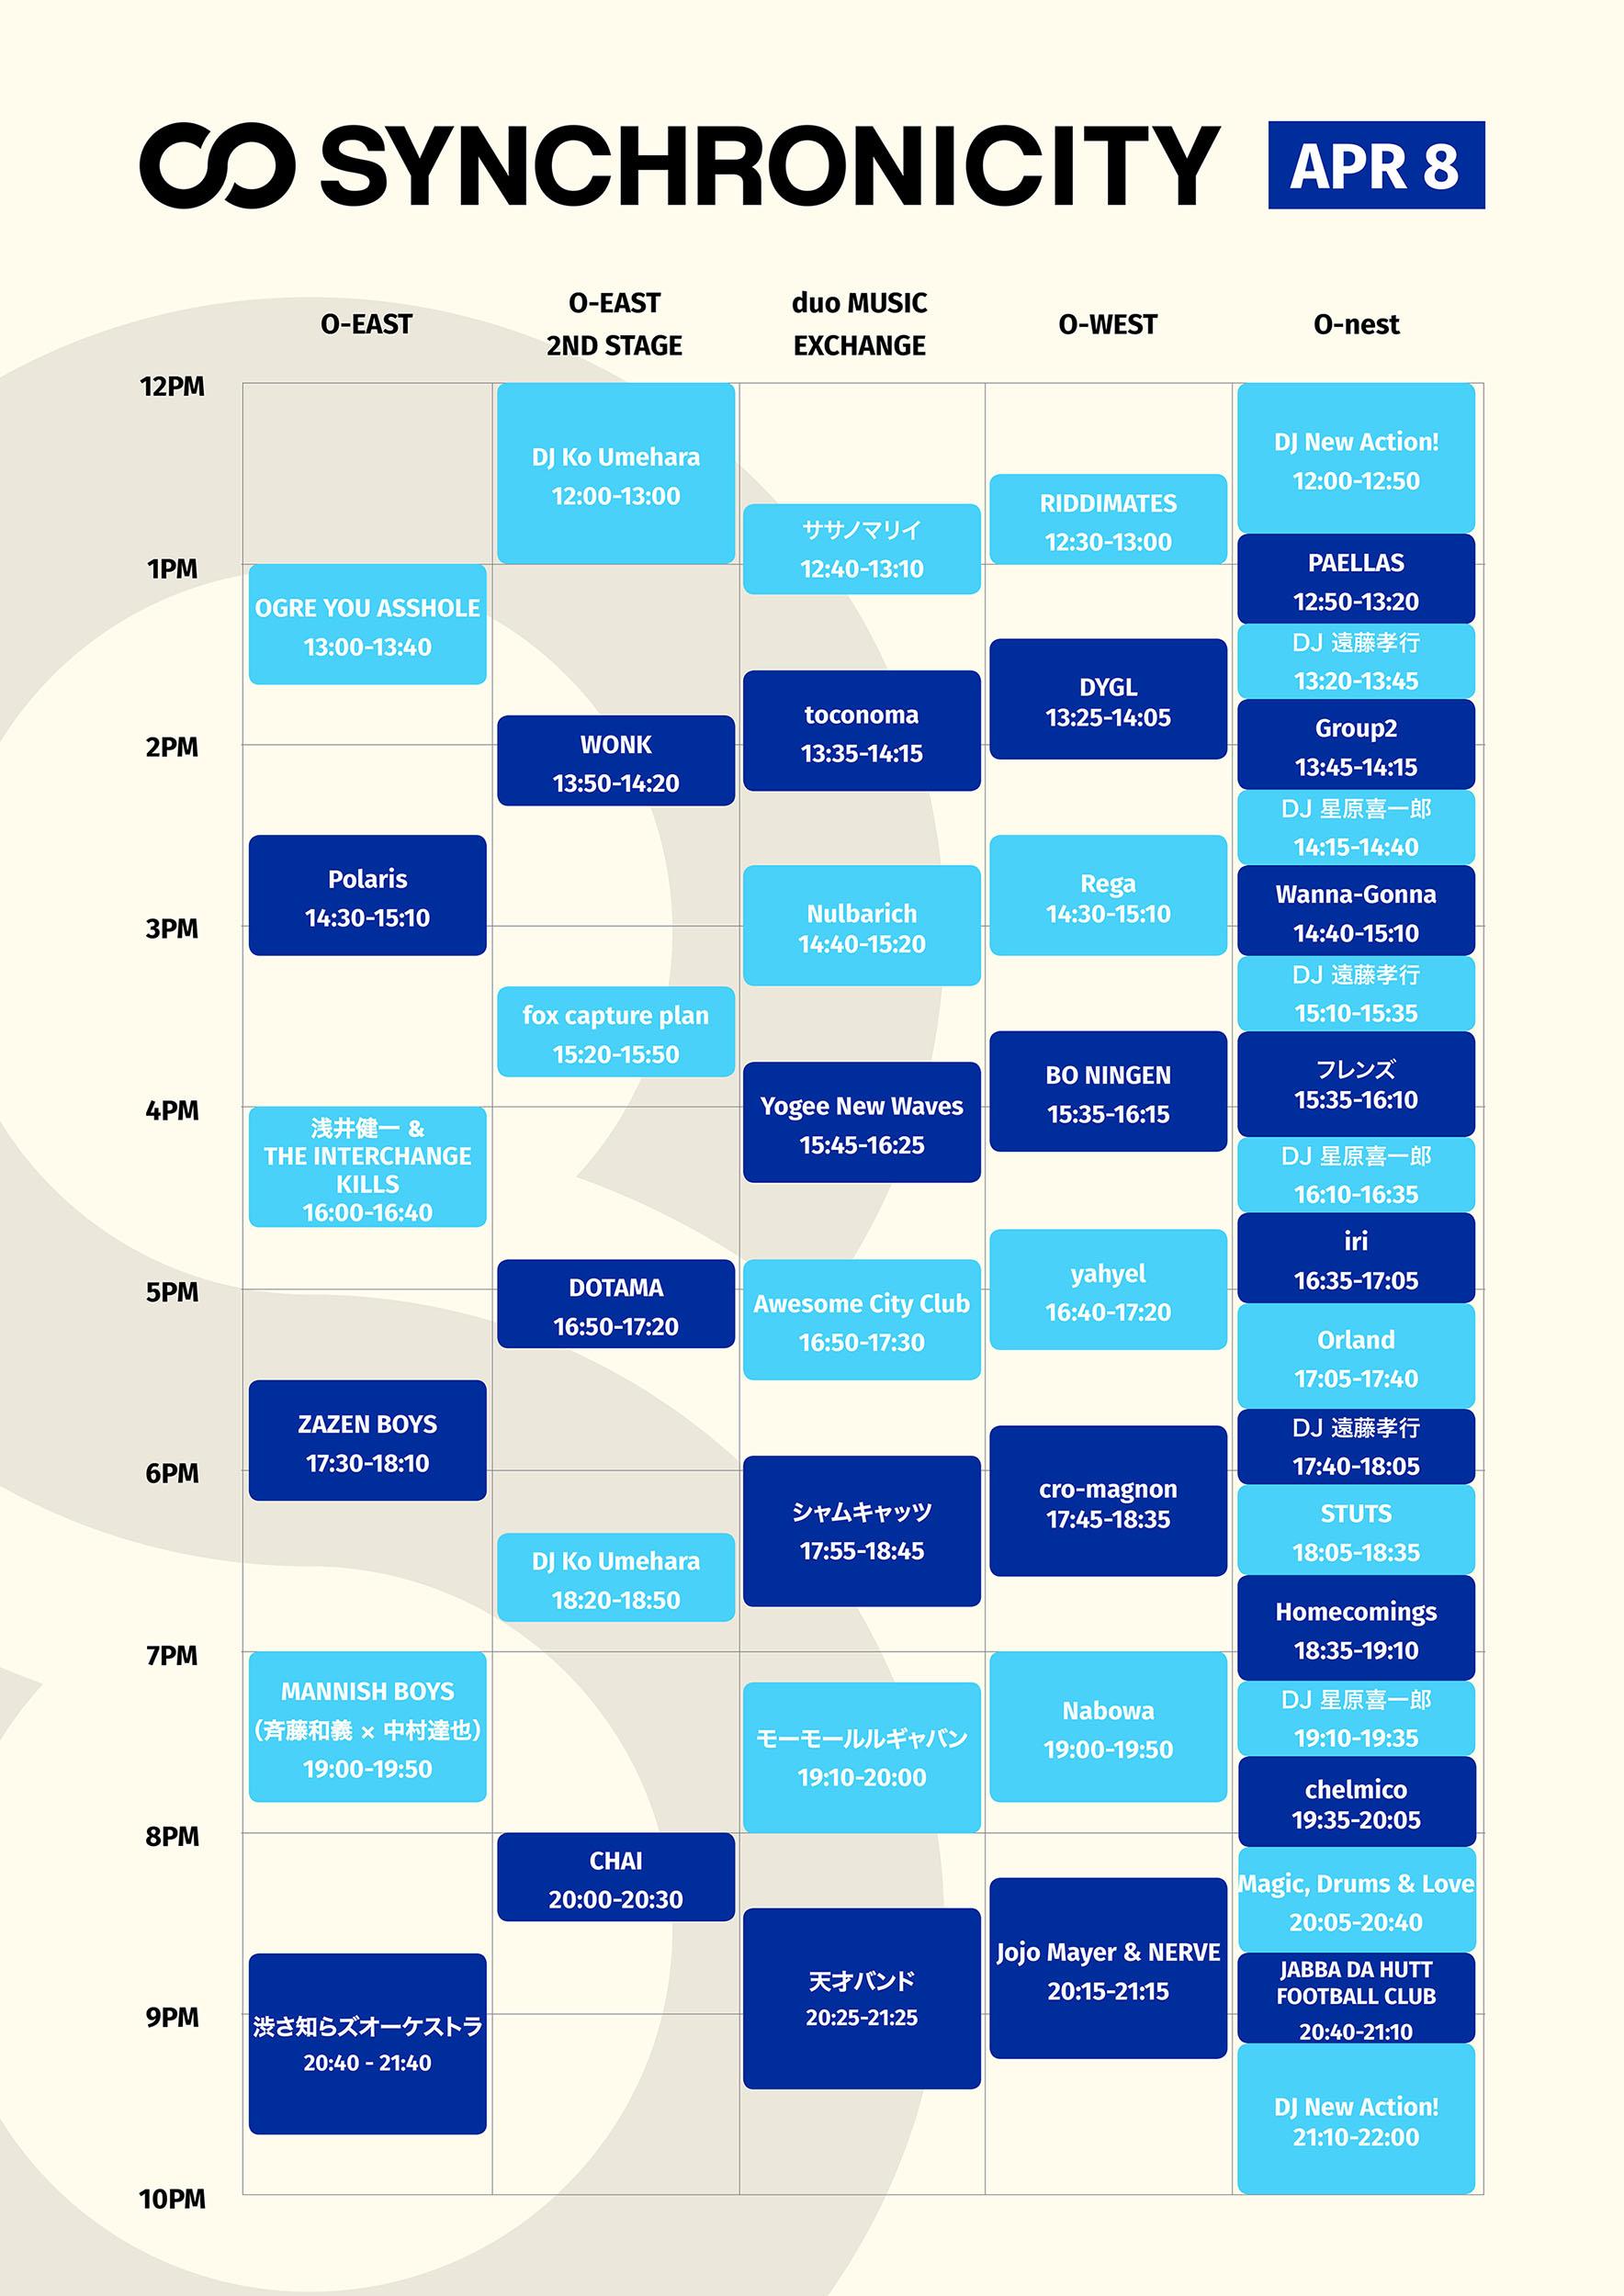 synchro17_timetable_m_2500